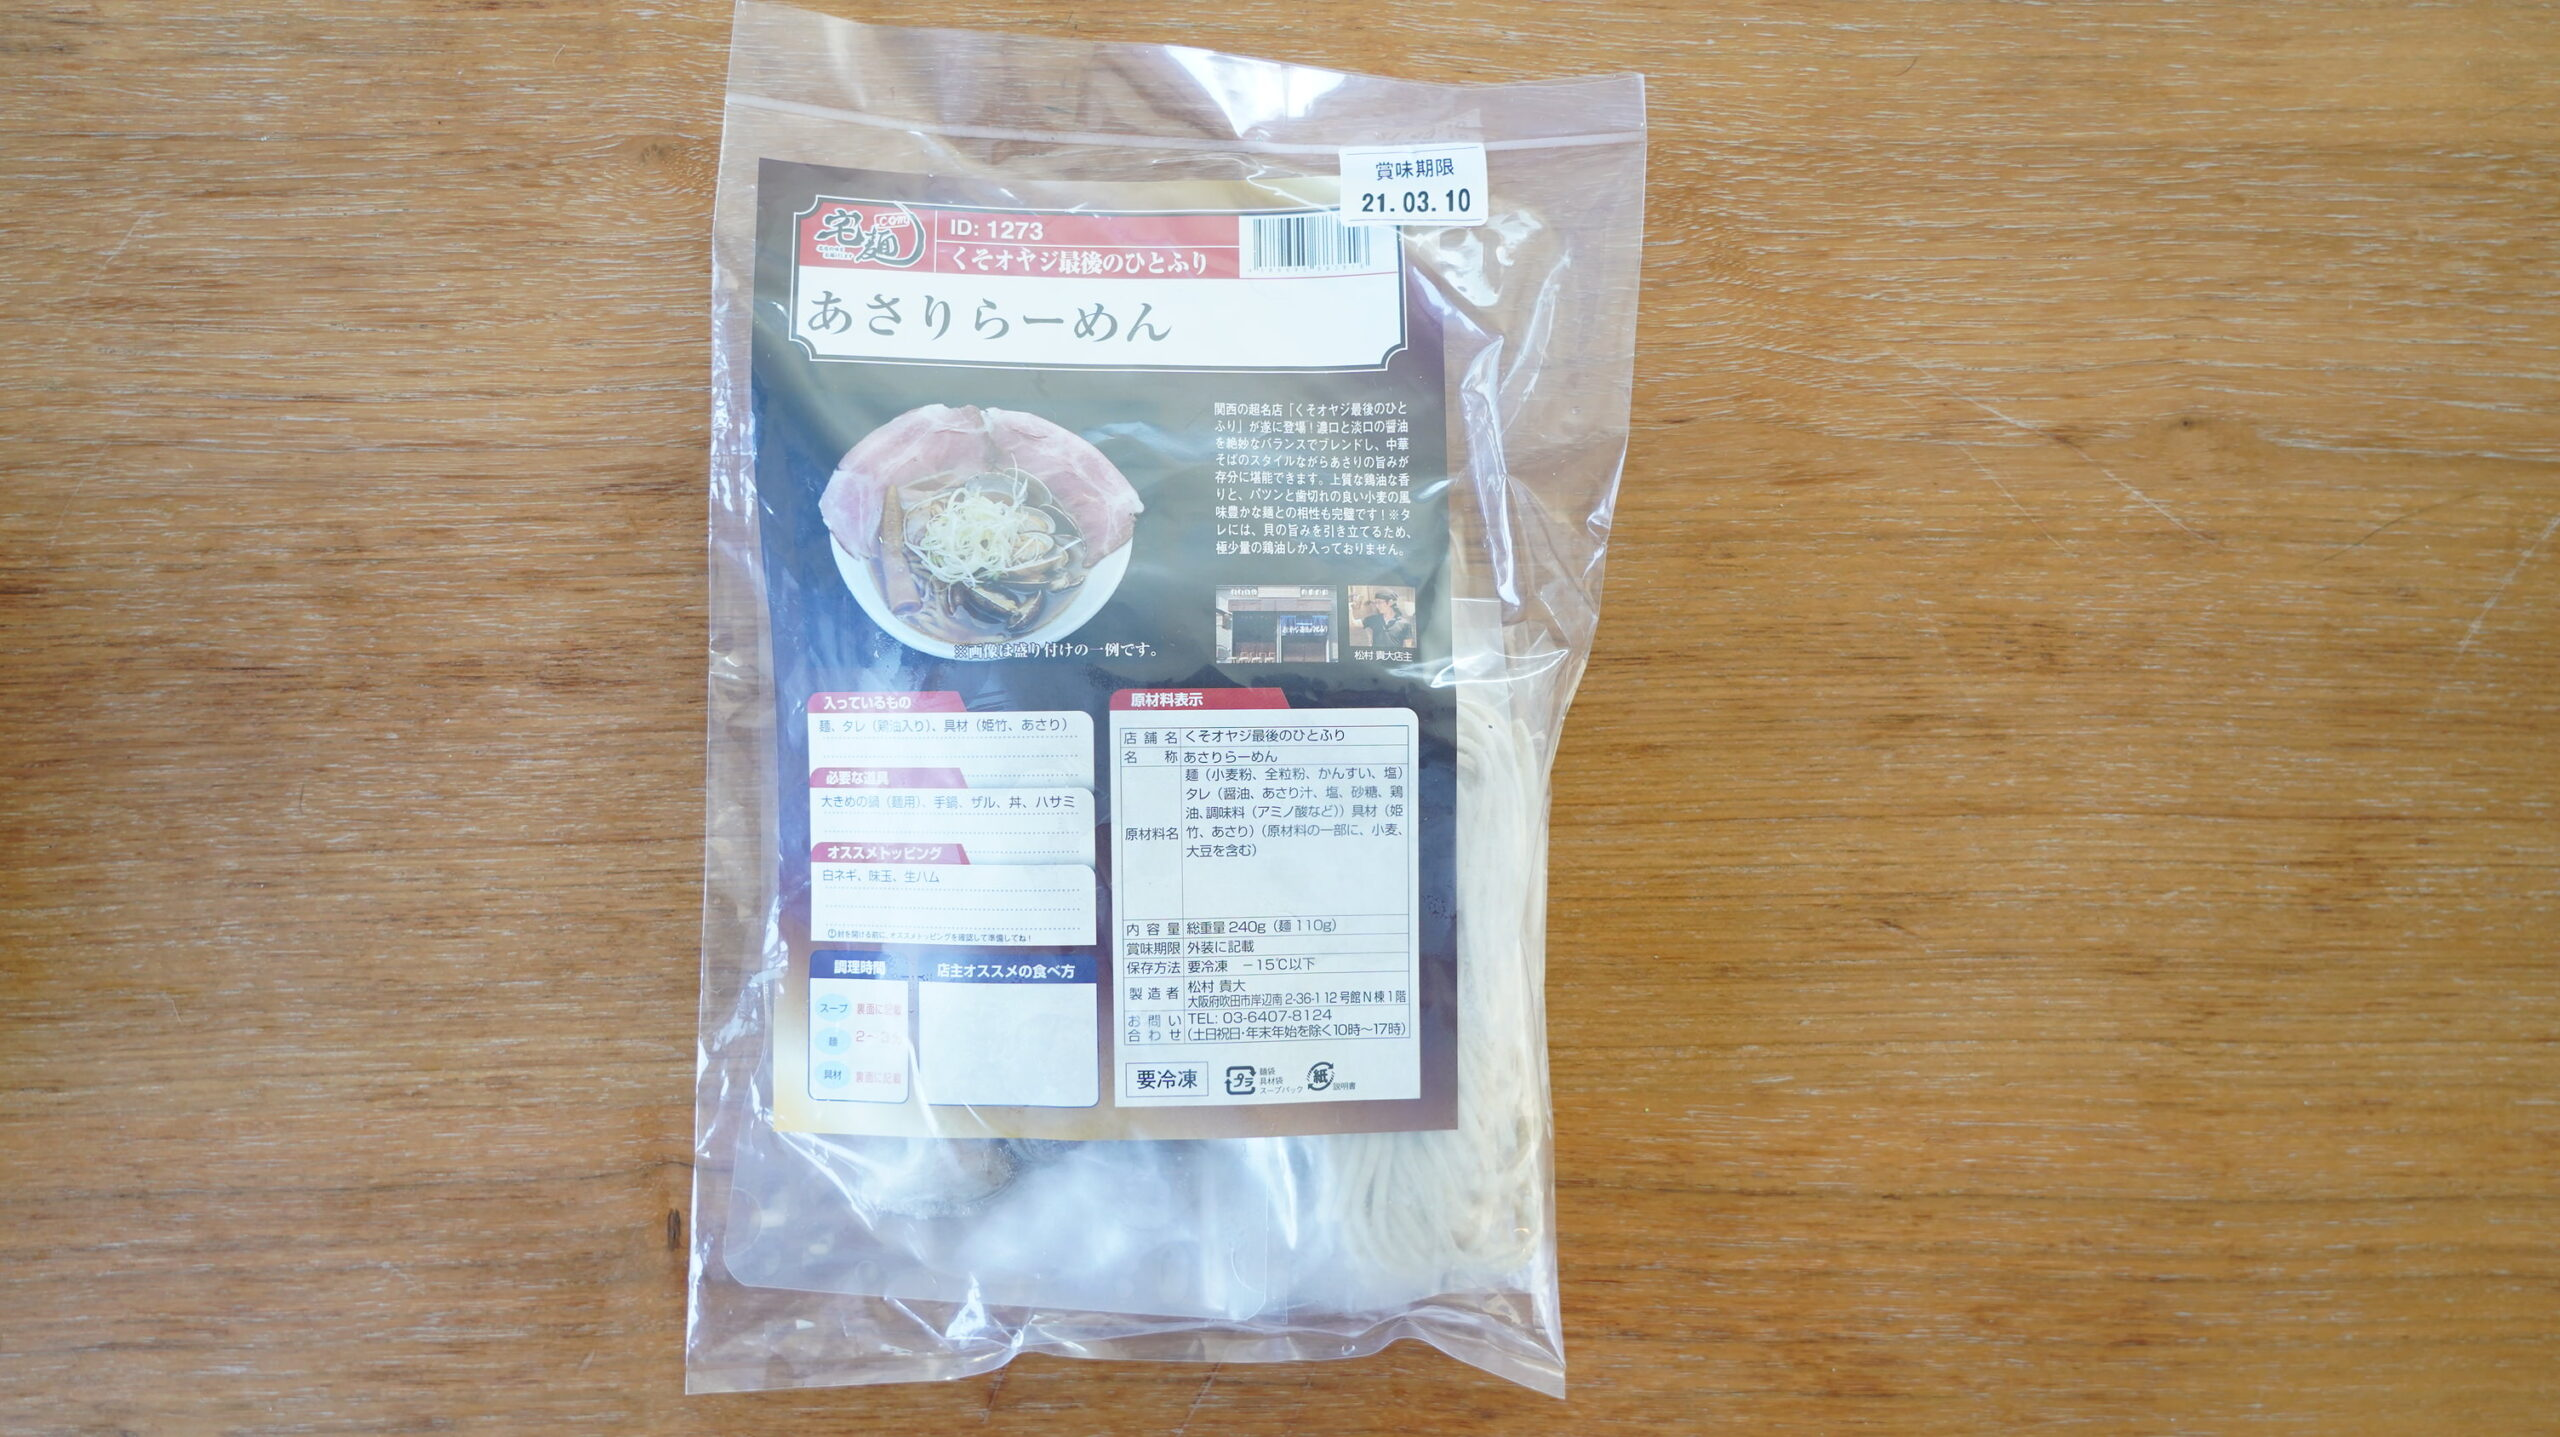 くそオヤジ最後のひとふりの「あさりラーメン」のオンライン通販・お取り寄せ用の冷凍食品のパッケージ写真